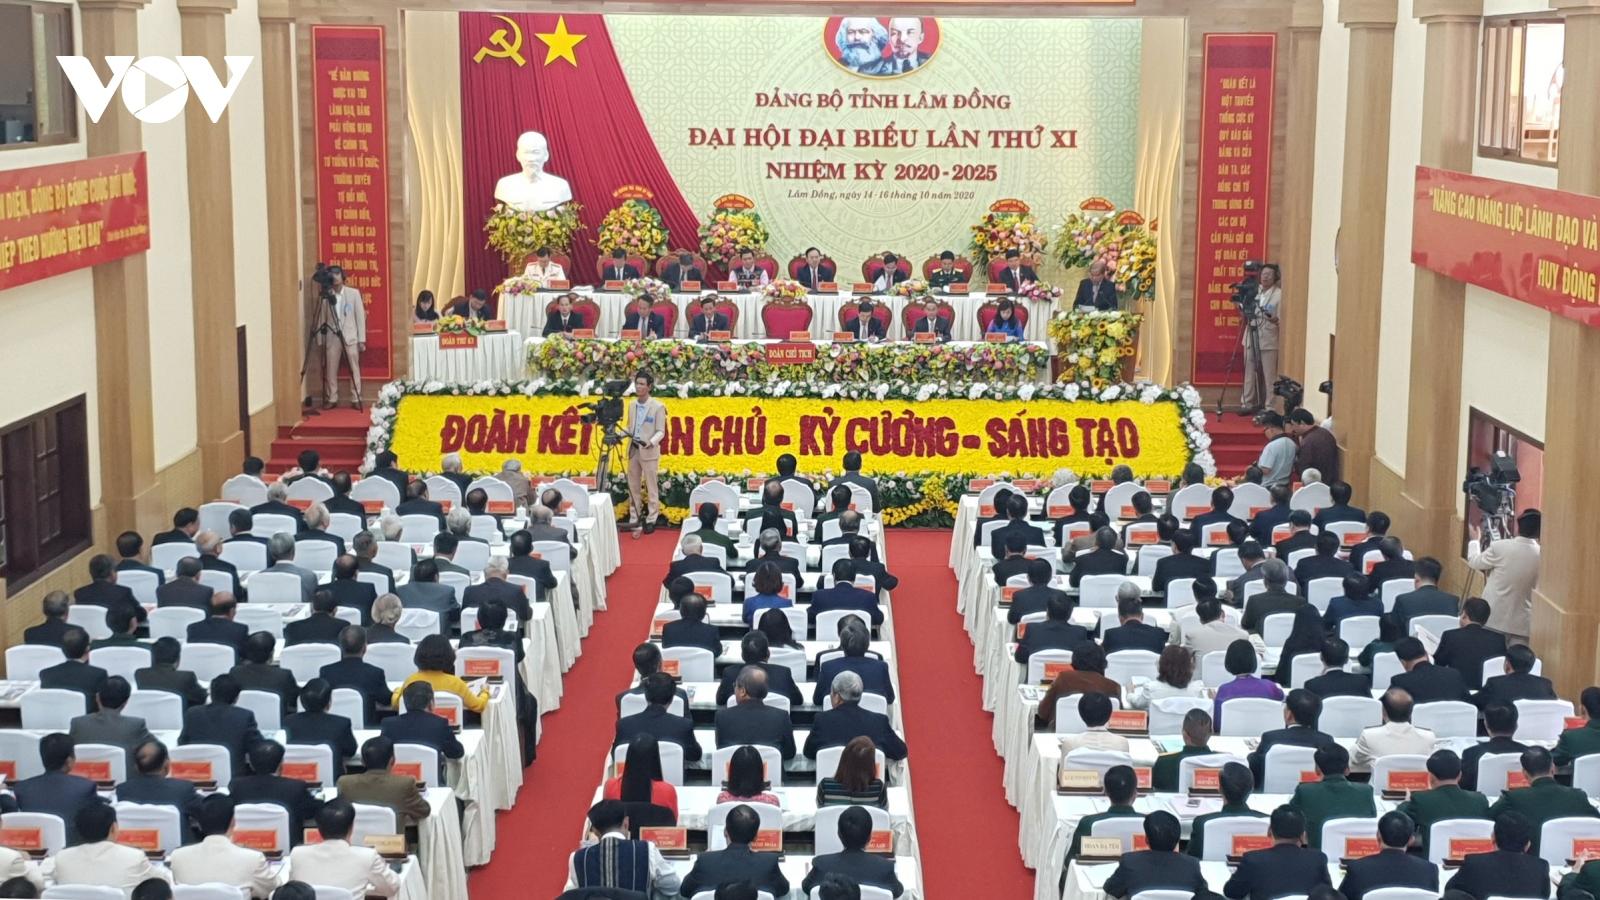 Khai mạc Đại hội Đảng bộ tỉnh Lâm Đồng lần thứ XI